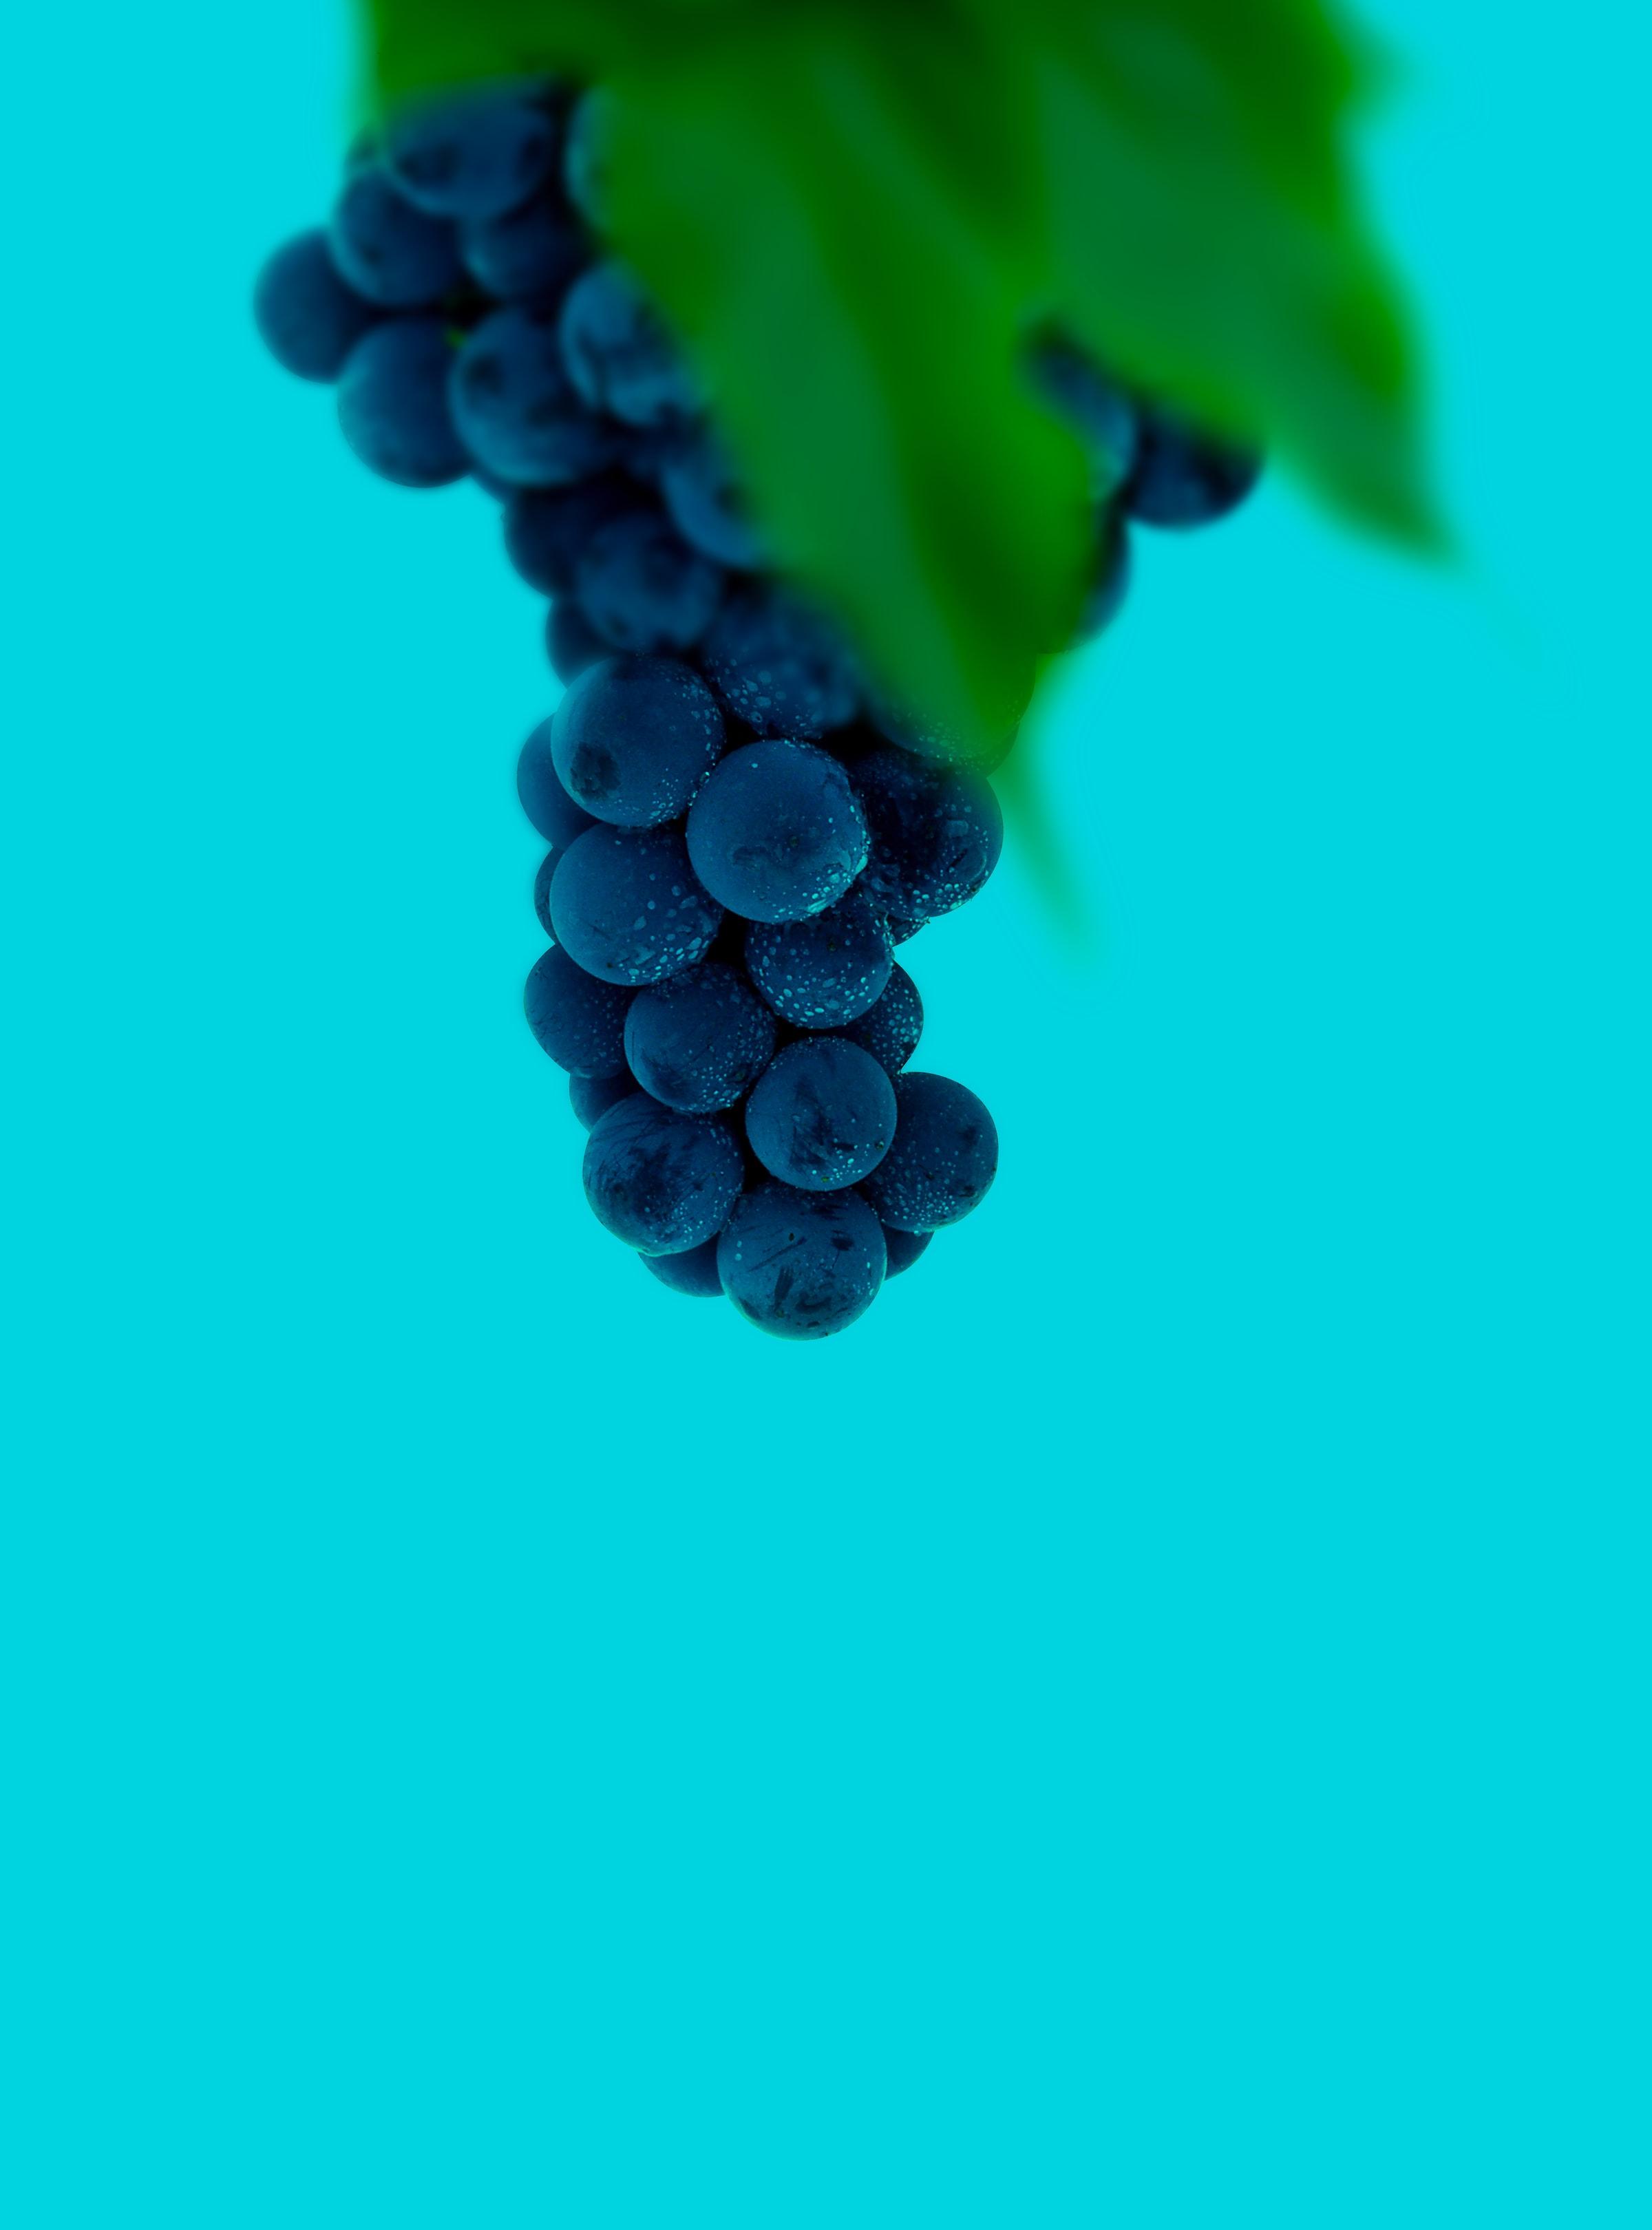 102999 скачать обои Виноград, Ягоды, Макро, Мокрый, Гроздь - заставки и картинки бесплатно